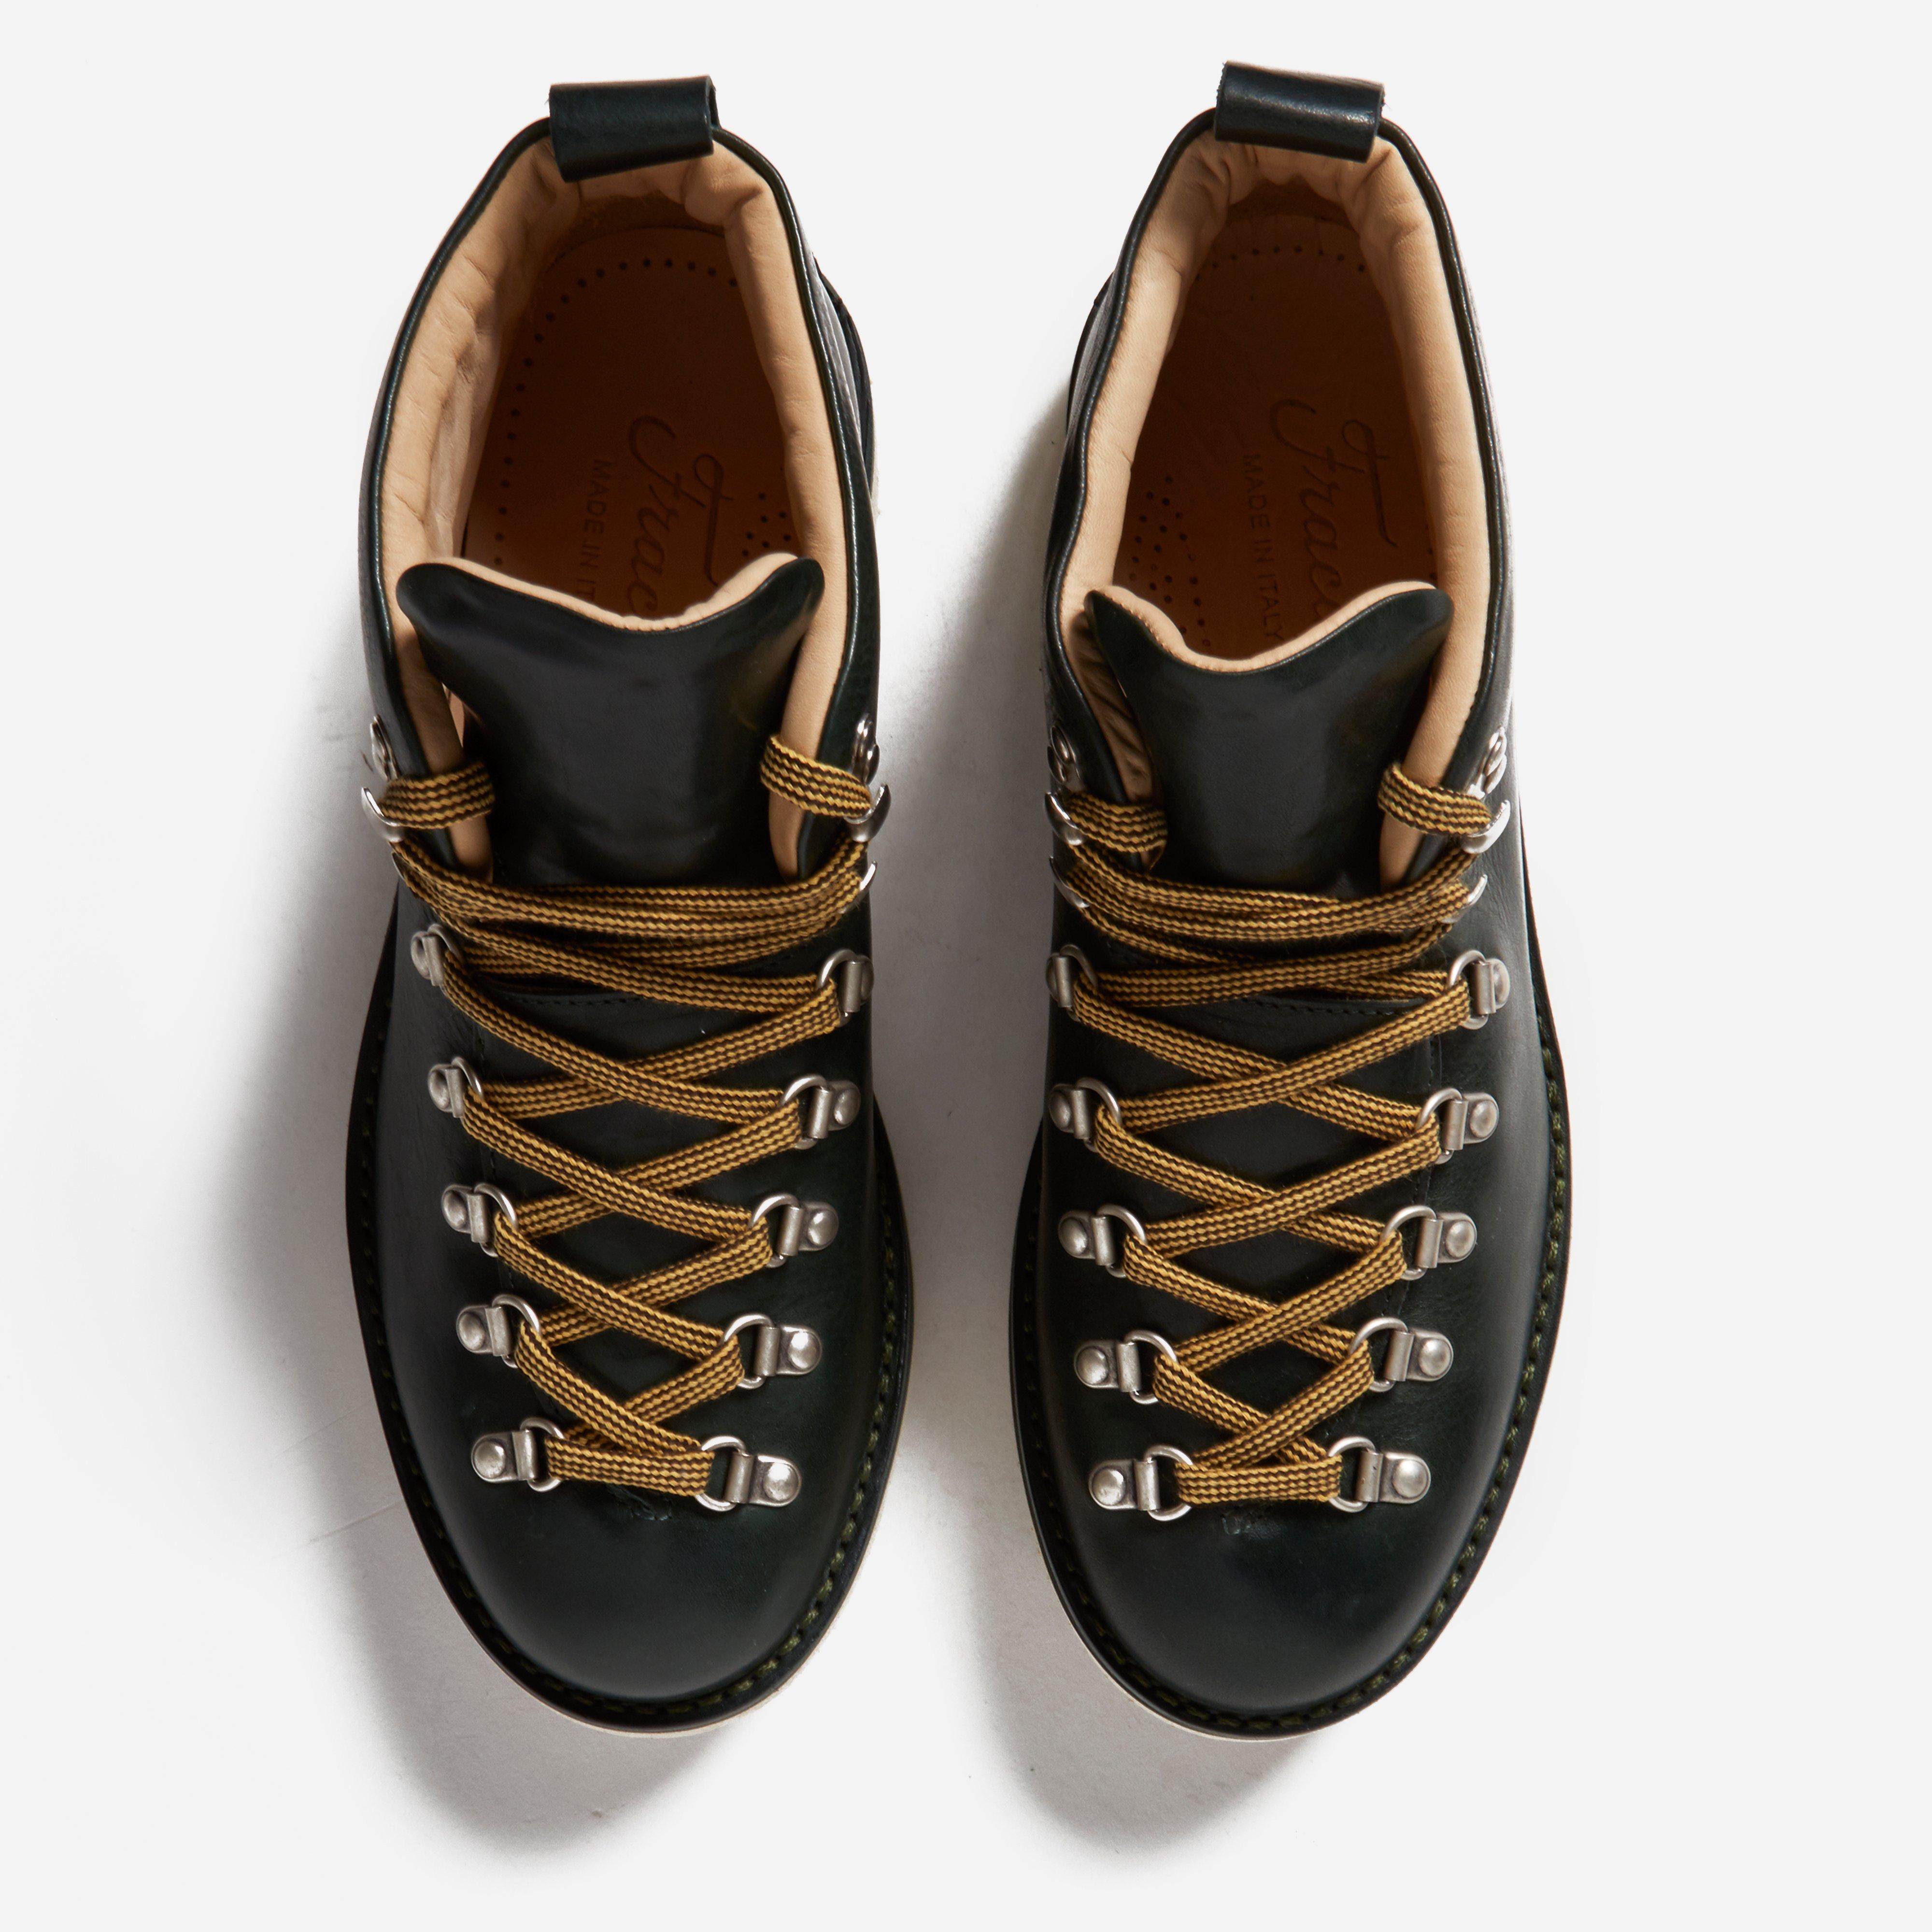 25c40facbdc Fracap M120 Suola Vibram Scarponcino Boot in Black for Men - Lyst